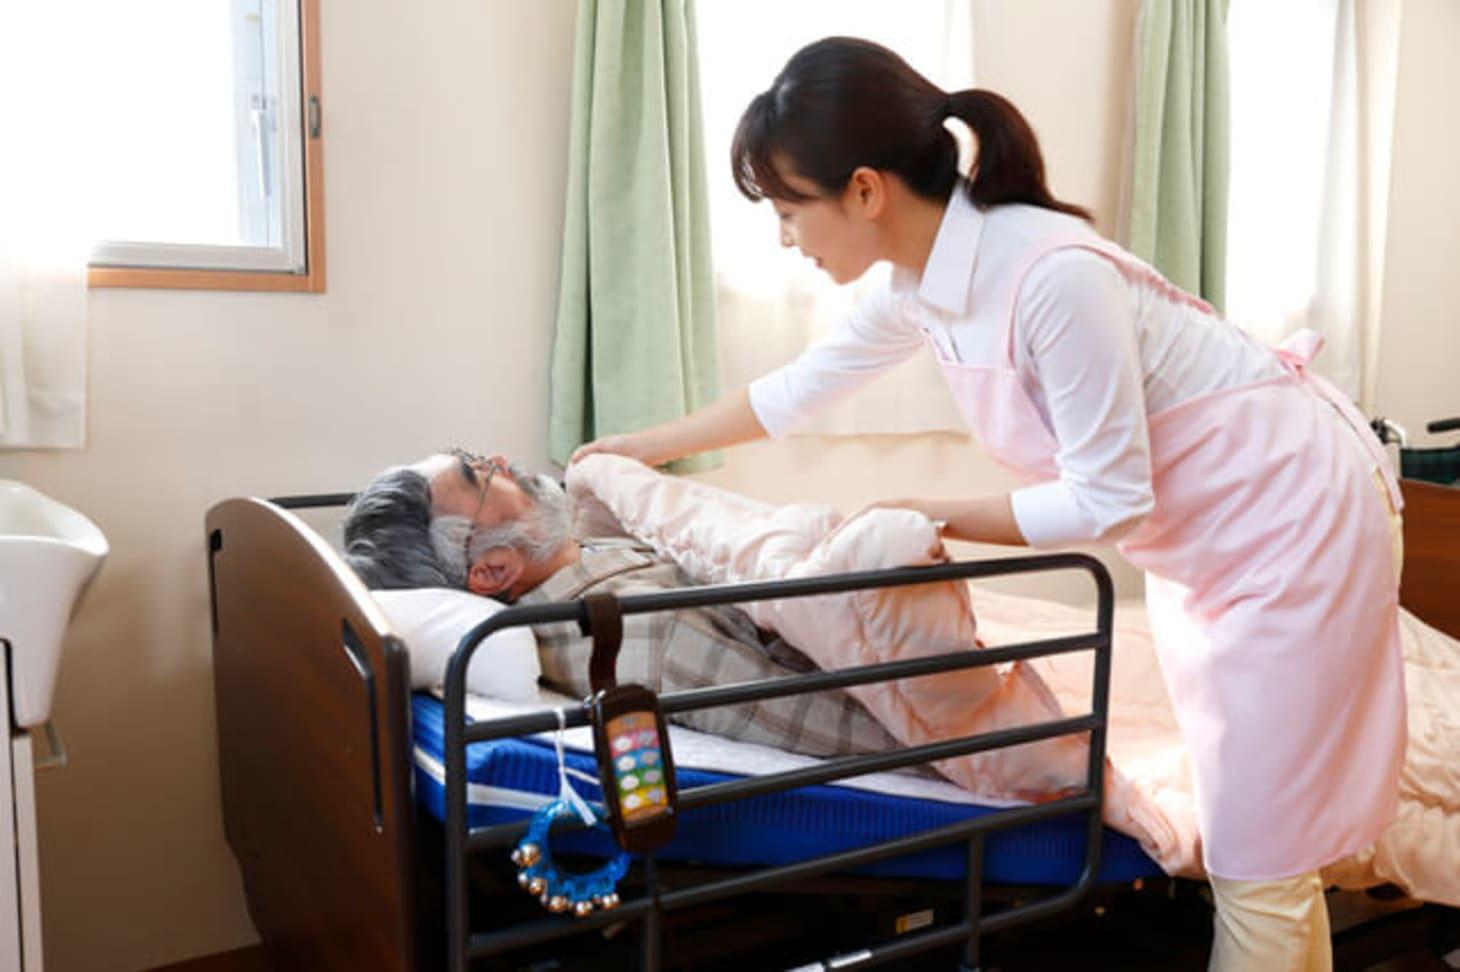 特別養護老人ホーム(特養)の介護職員の仕事内容とは?平均給料・年収も紹介!